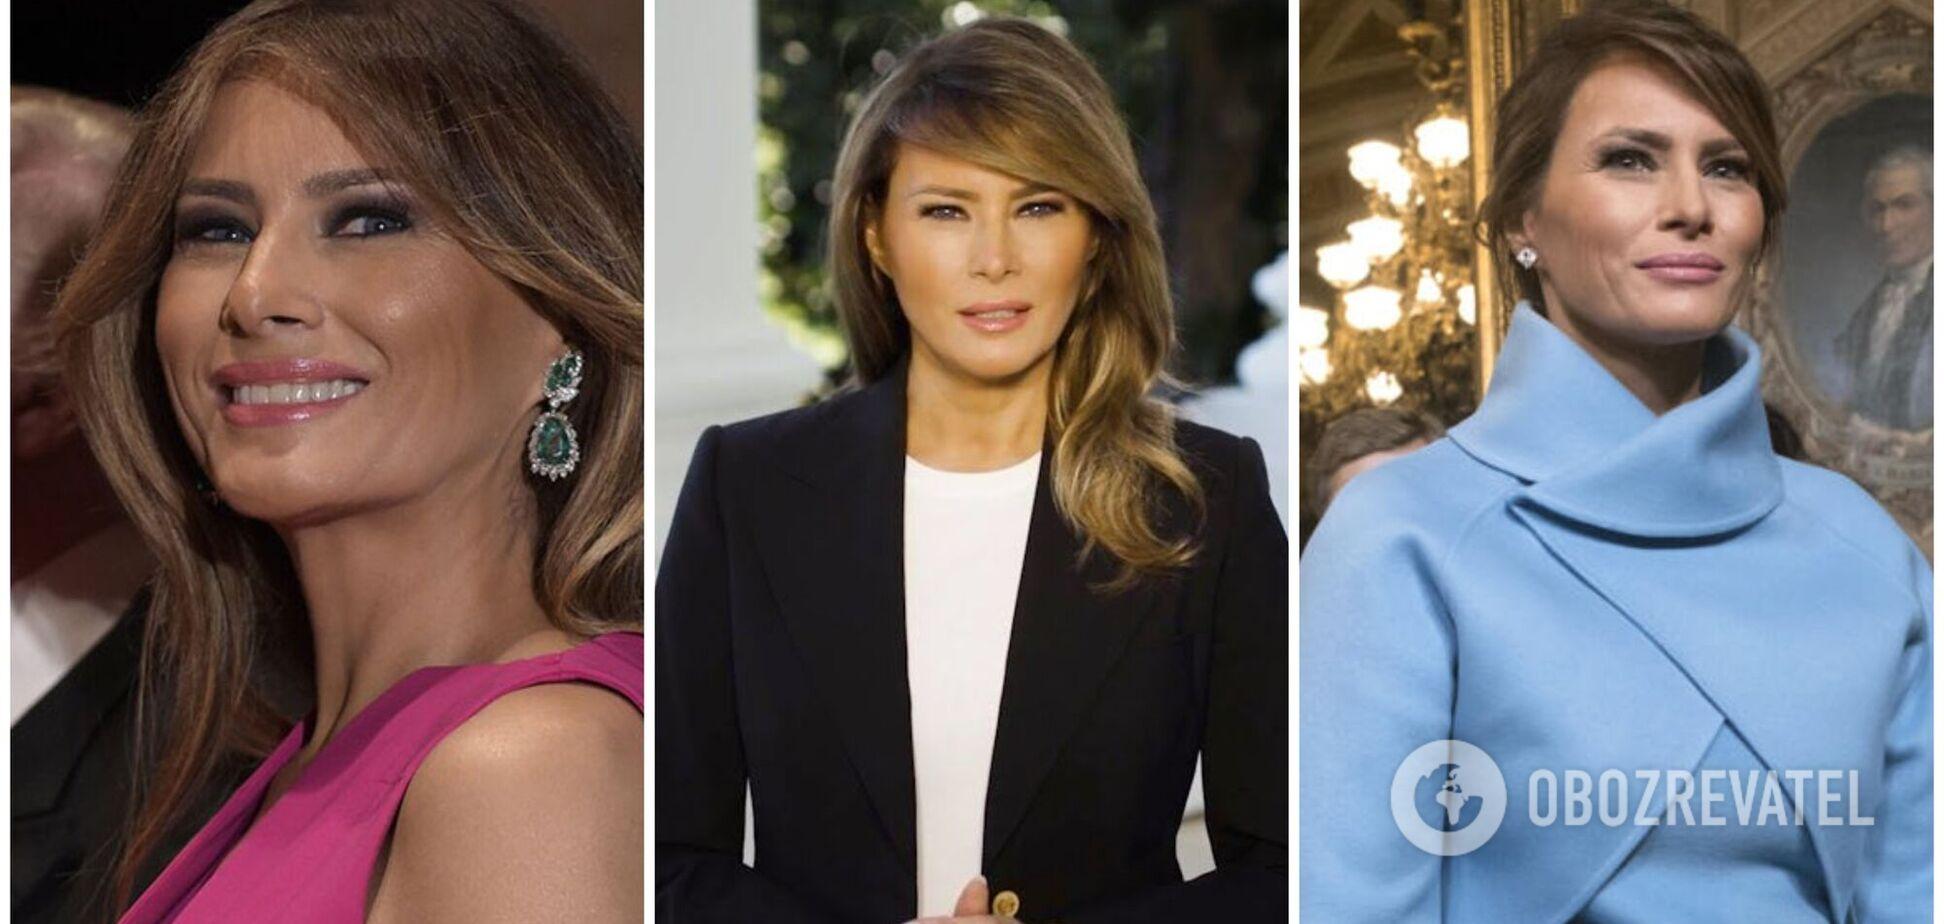 Стильні образи Меланії Трамп за час правління її чоловіка